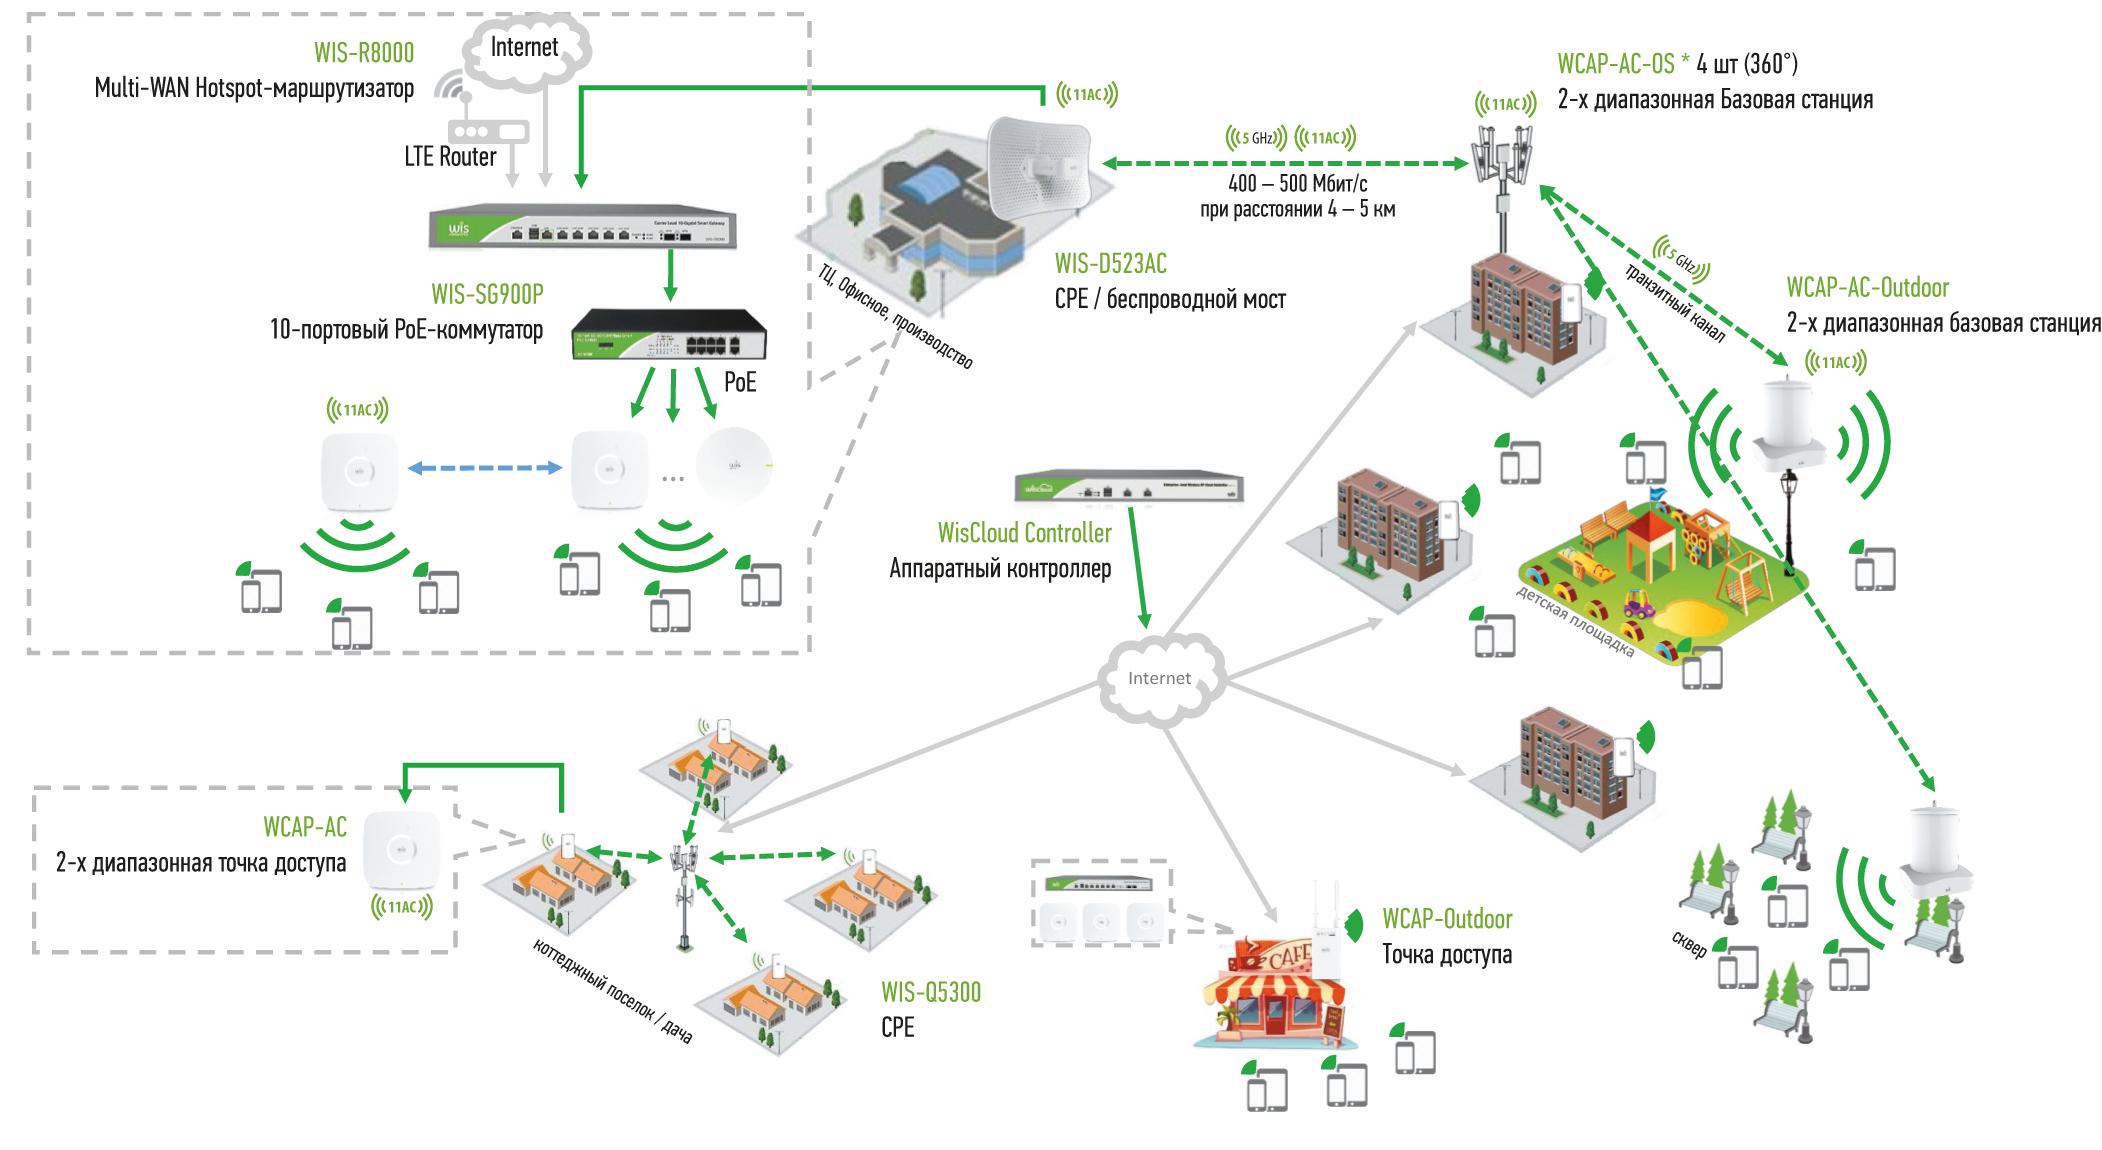 схема организации Wi-Fi в городской и пригородной зоне